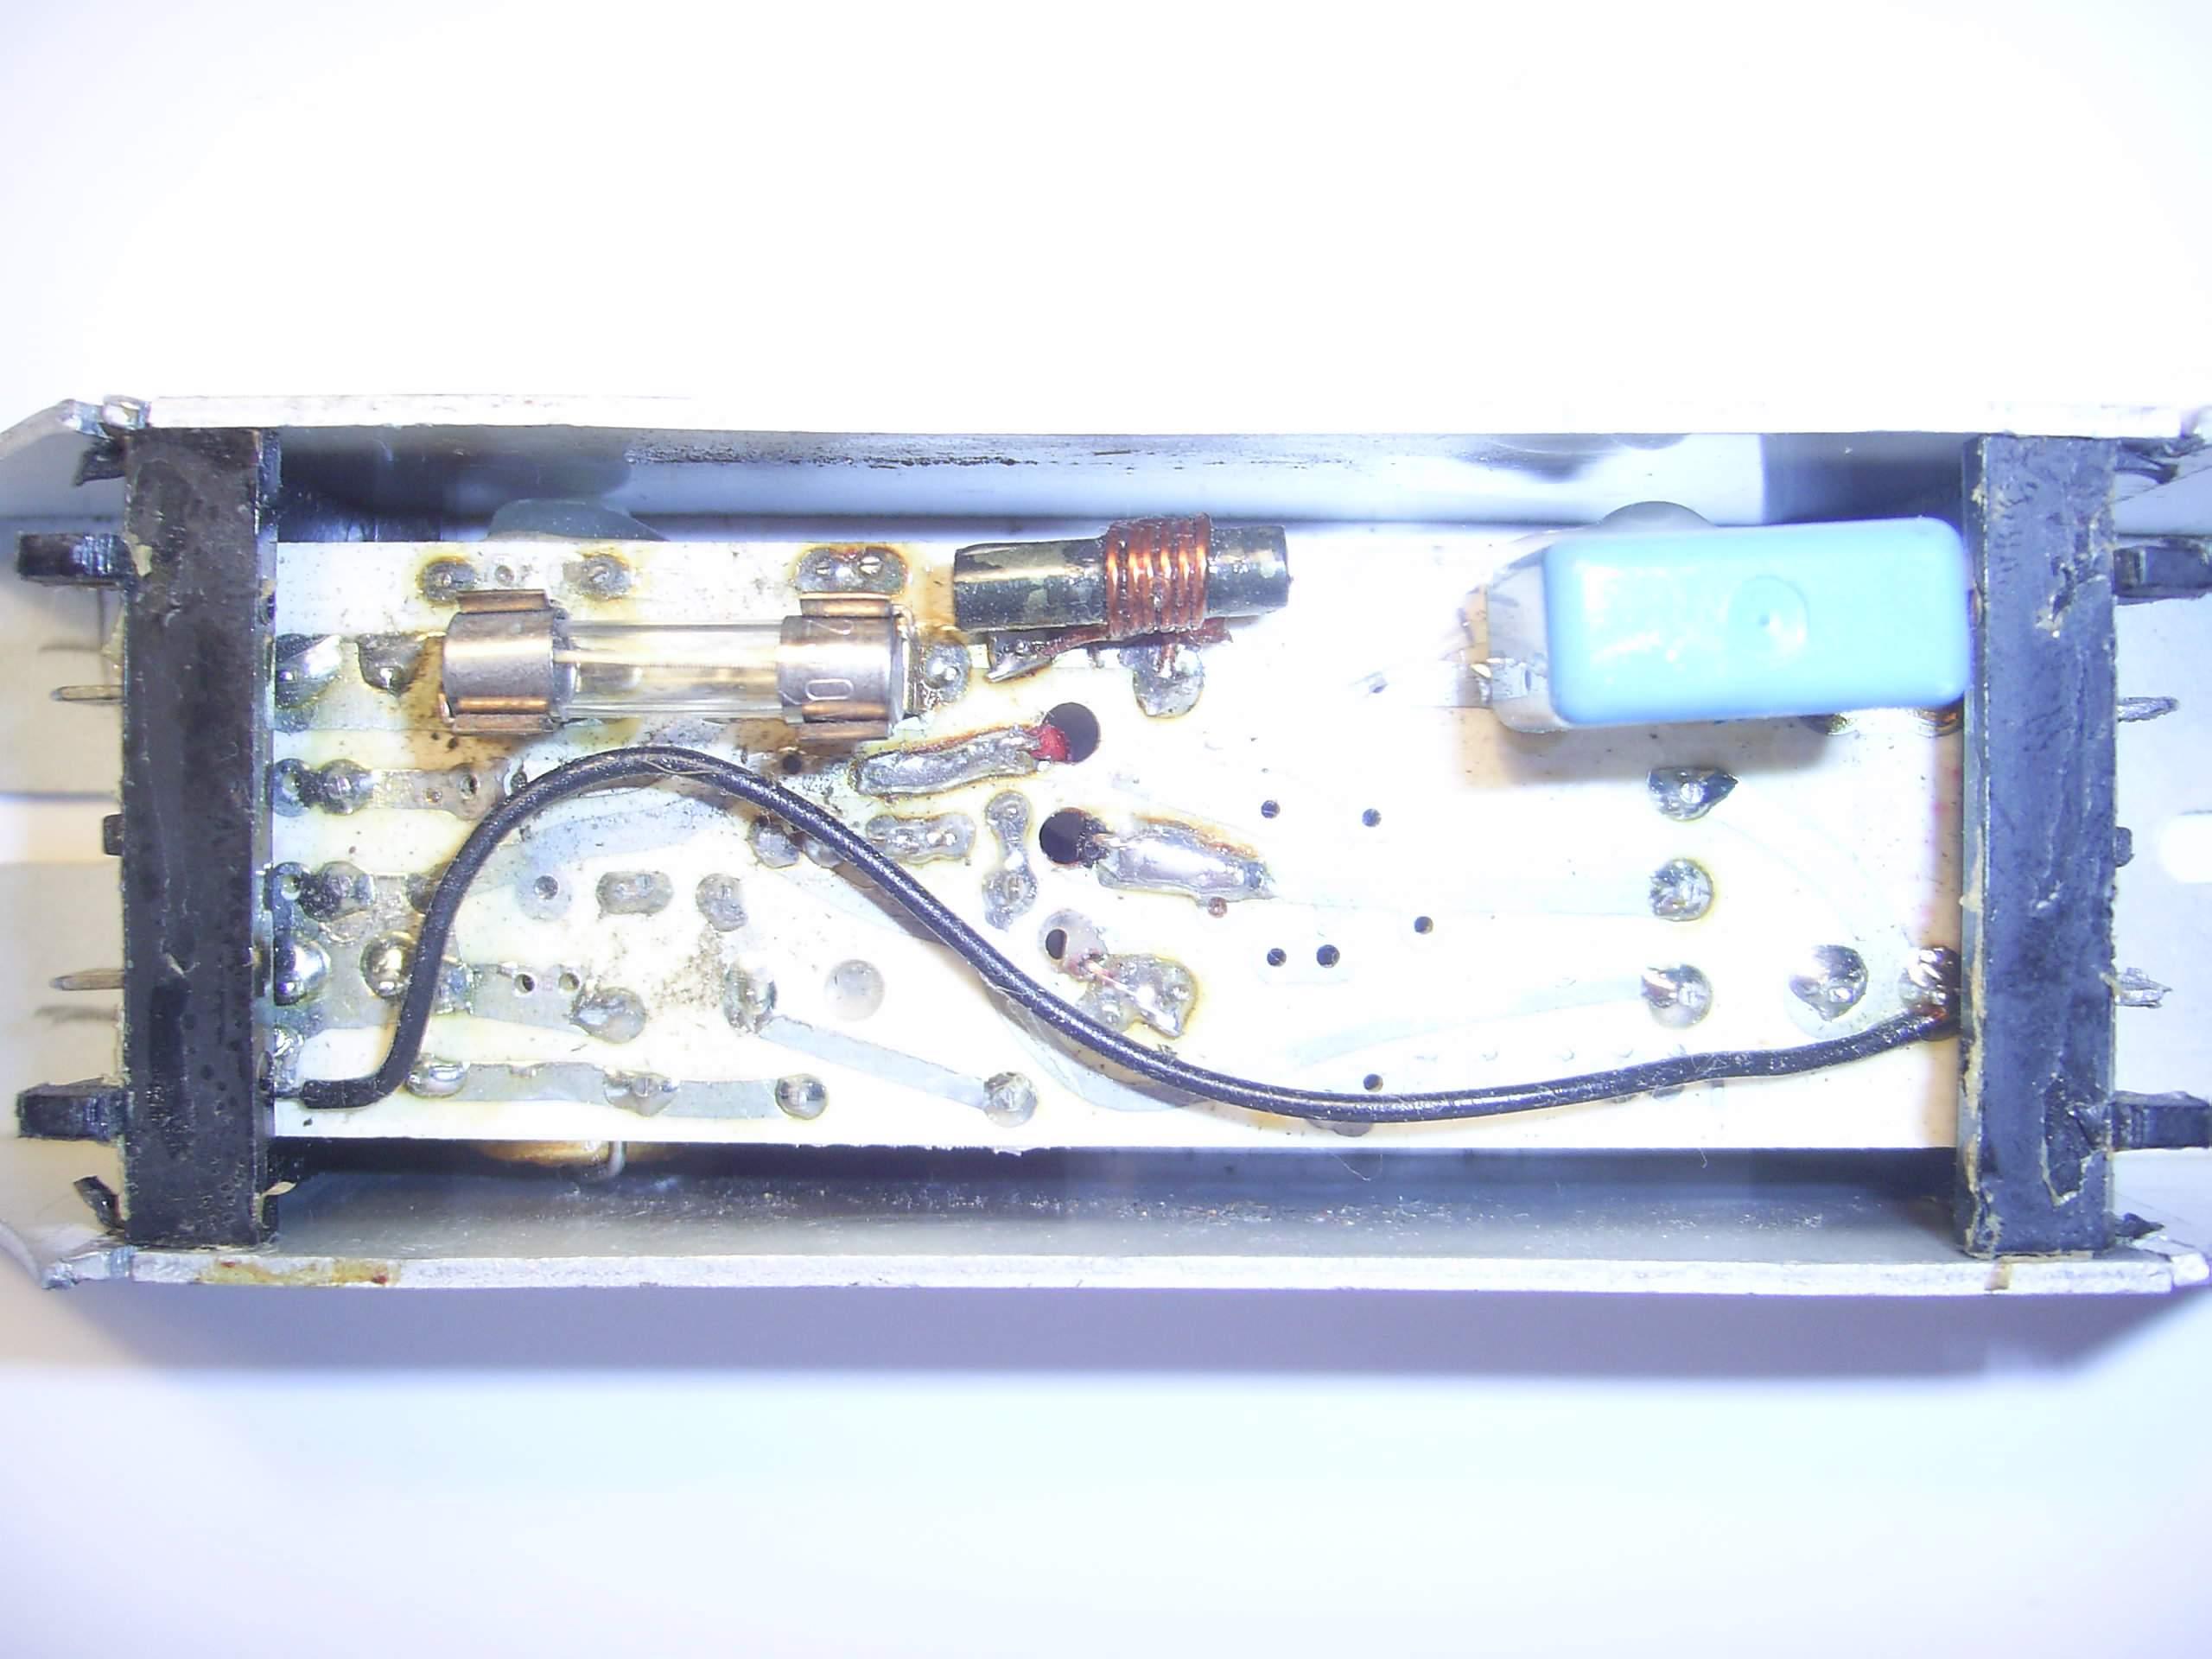 PIC_0060 Spannende Elektronisches Vorschaltgerät Leuchtstofflampe Schaltplan Dekorationen